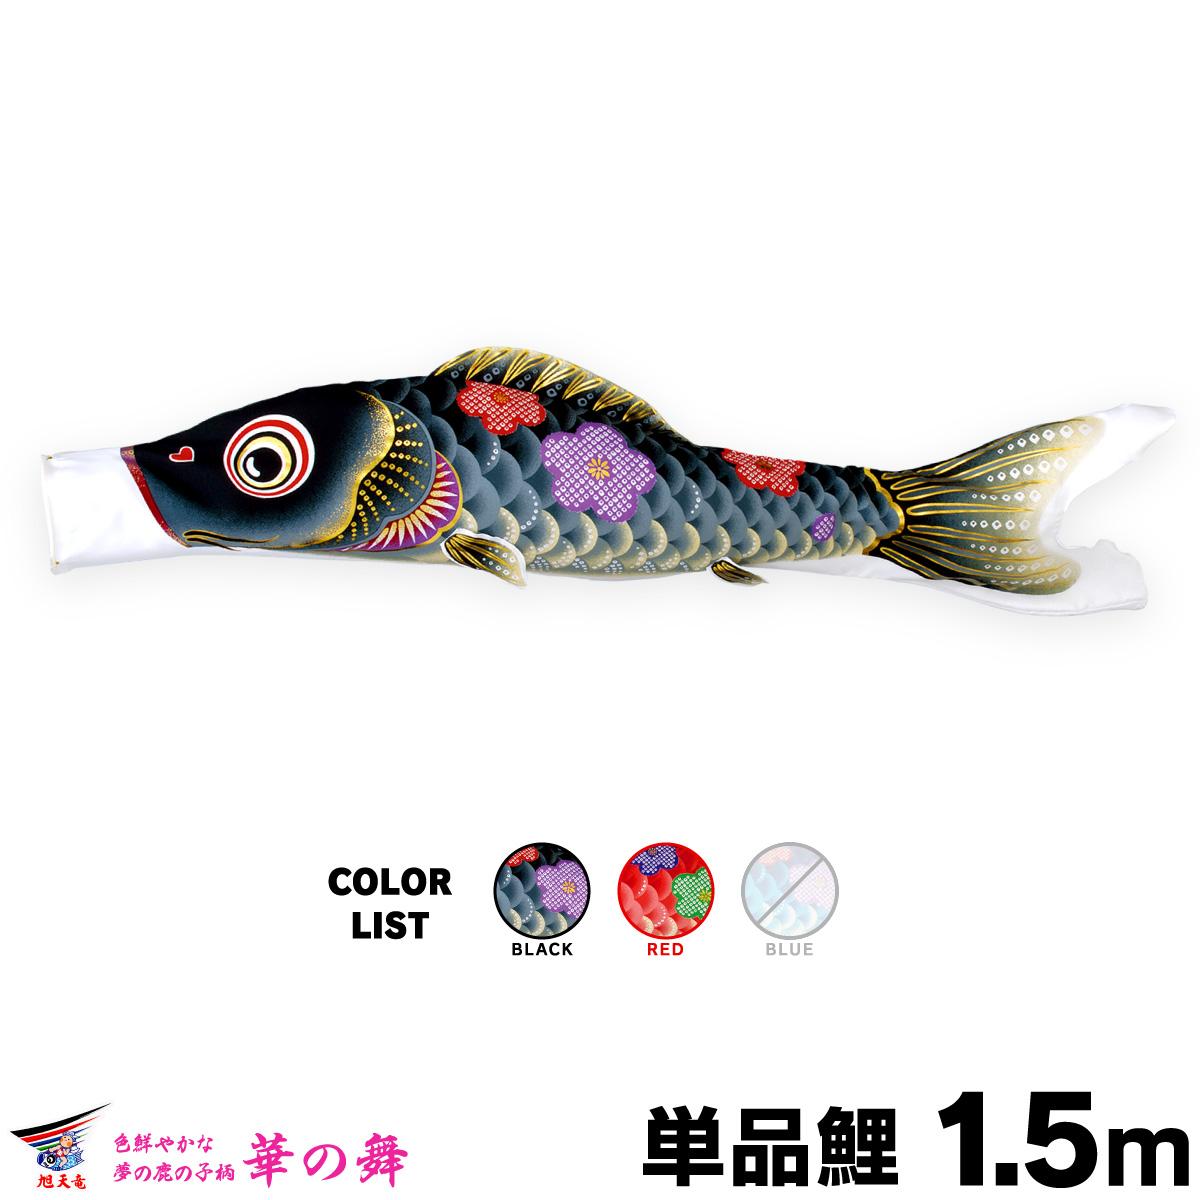 【こいのぼり 単品】 華の舞 1.5m 単品鯉